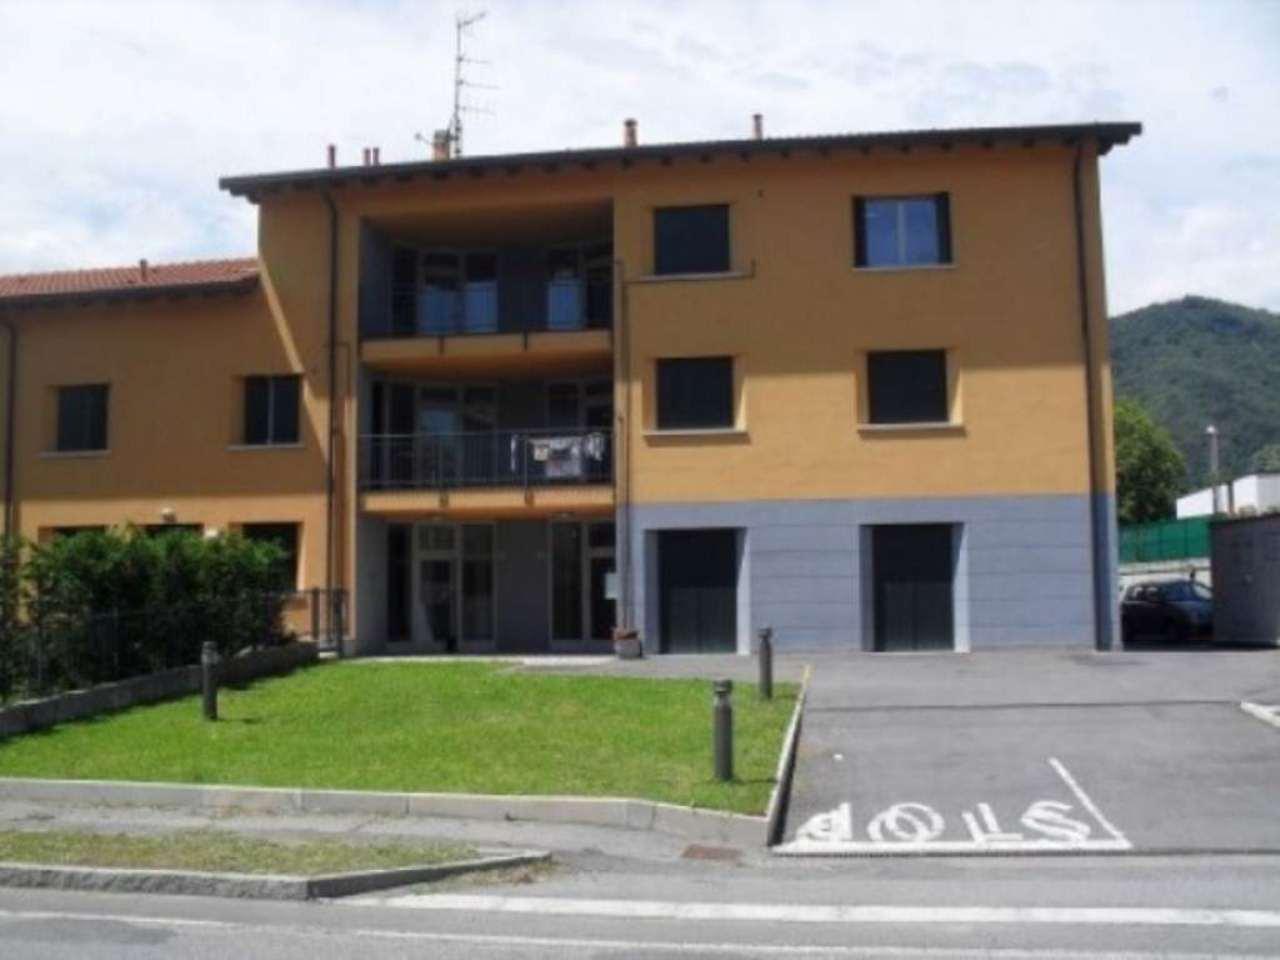 Ufficio / Studio in vendita a Brivio, 2 locali, prezzo € 90.000 | Cambio Casa.it